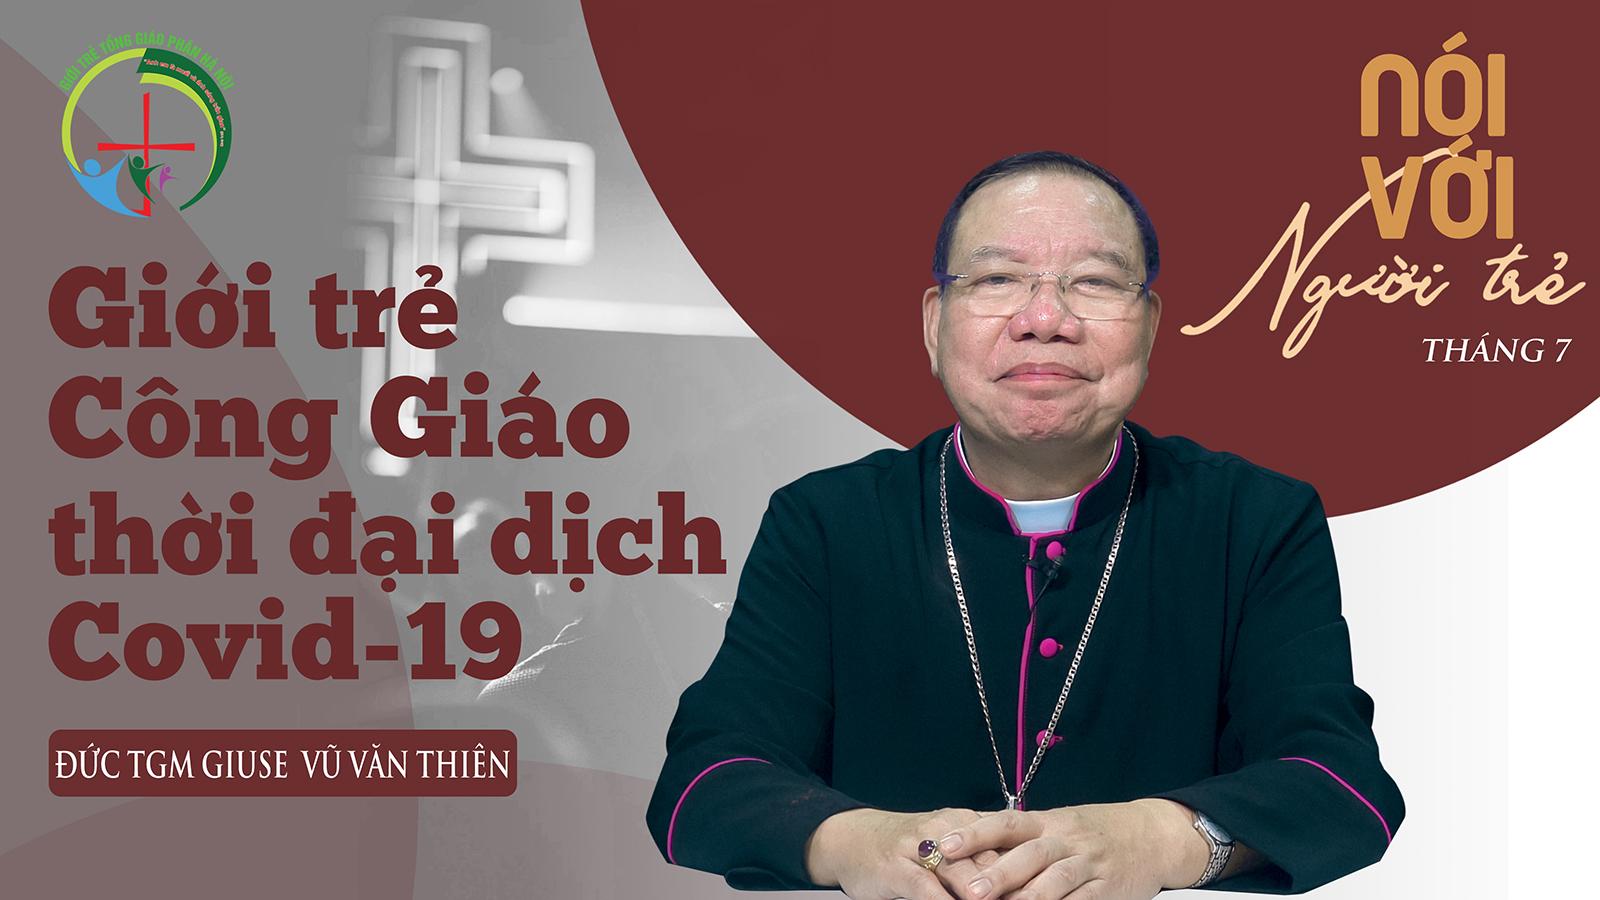 Giới trẻ Công Giáo thời đại dịch Covid-19 - Đức TGM Giuse Vũ Văn Thiên